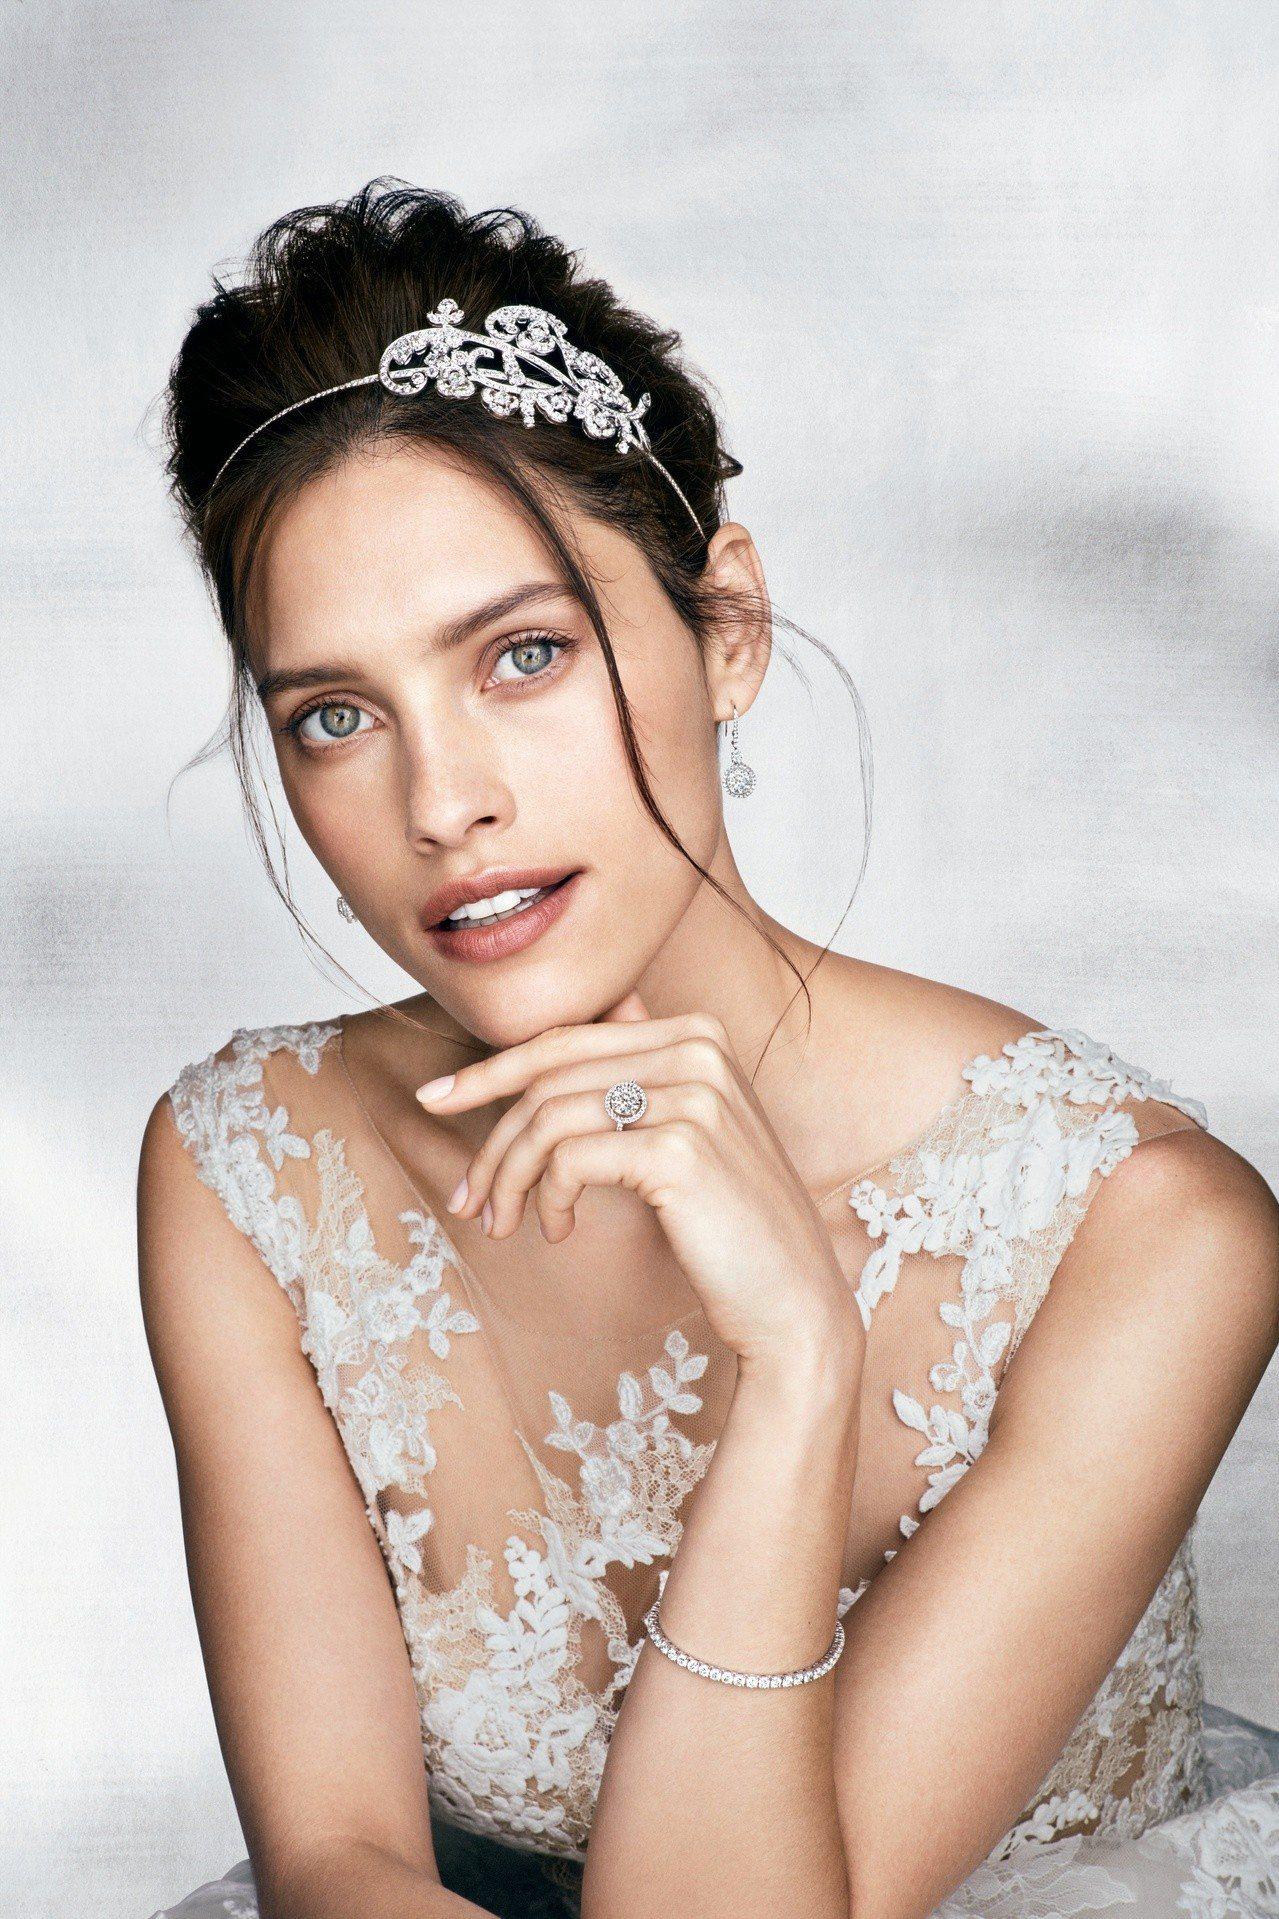 模特兒配戴格拉夫圓形鑽石花卉造型髮飾,鑽石共重27.02克拉;格拉夫Conste...